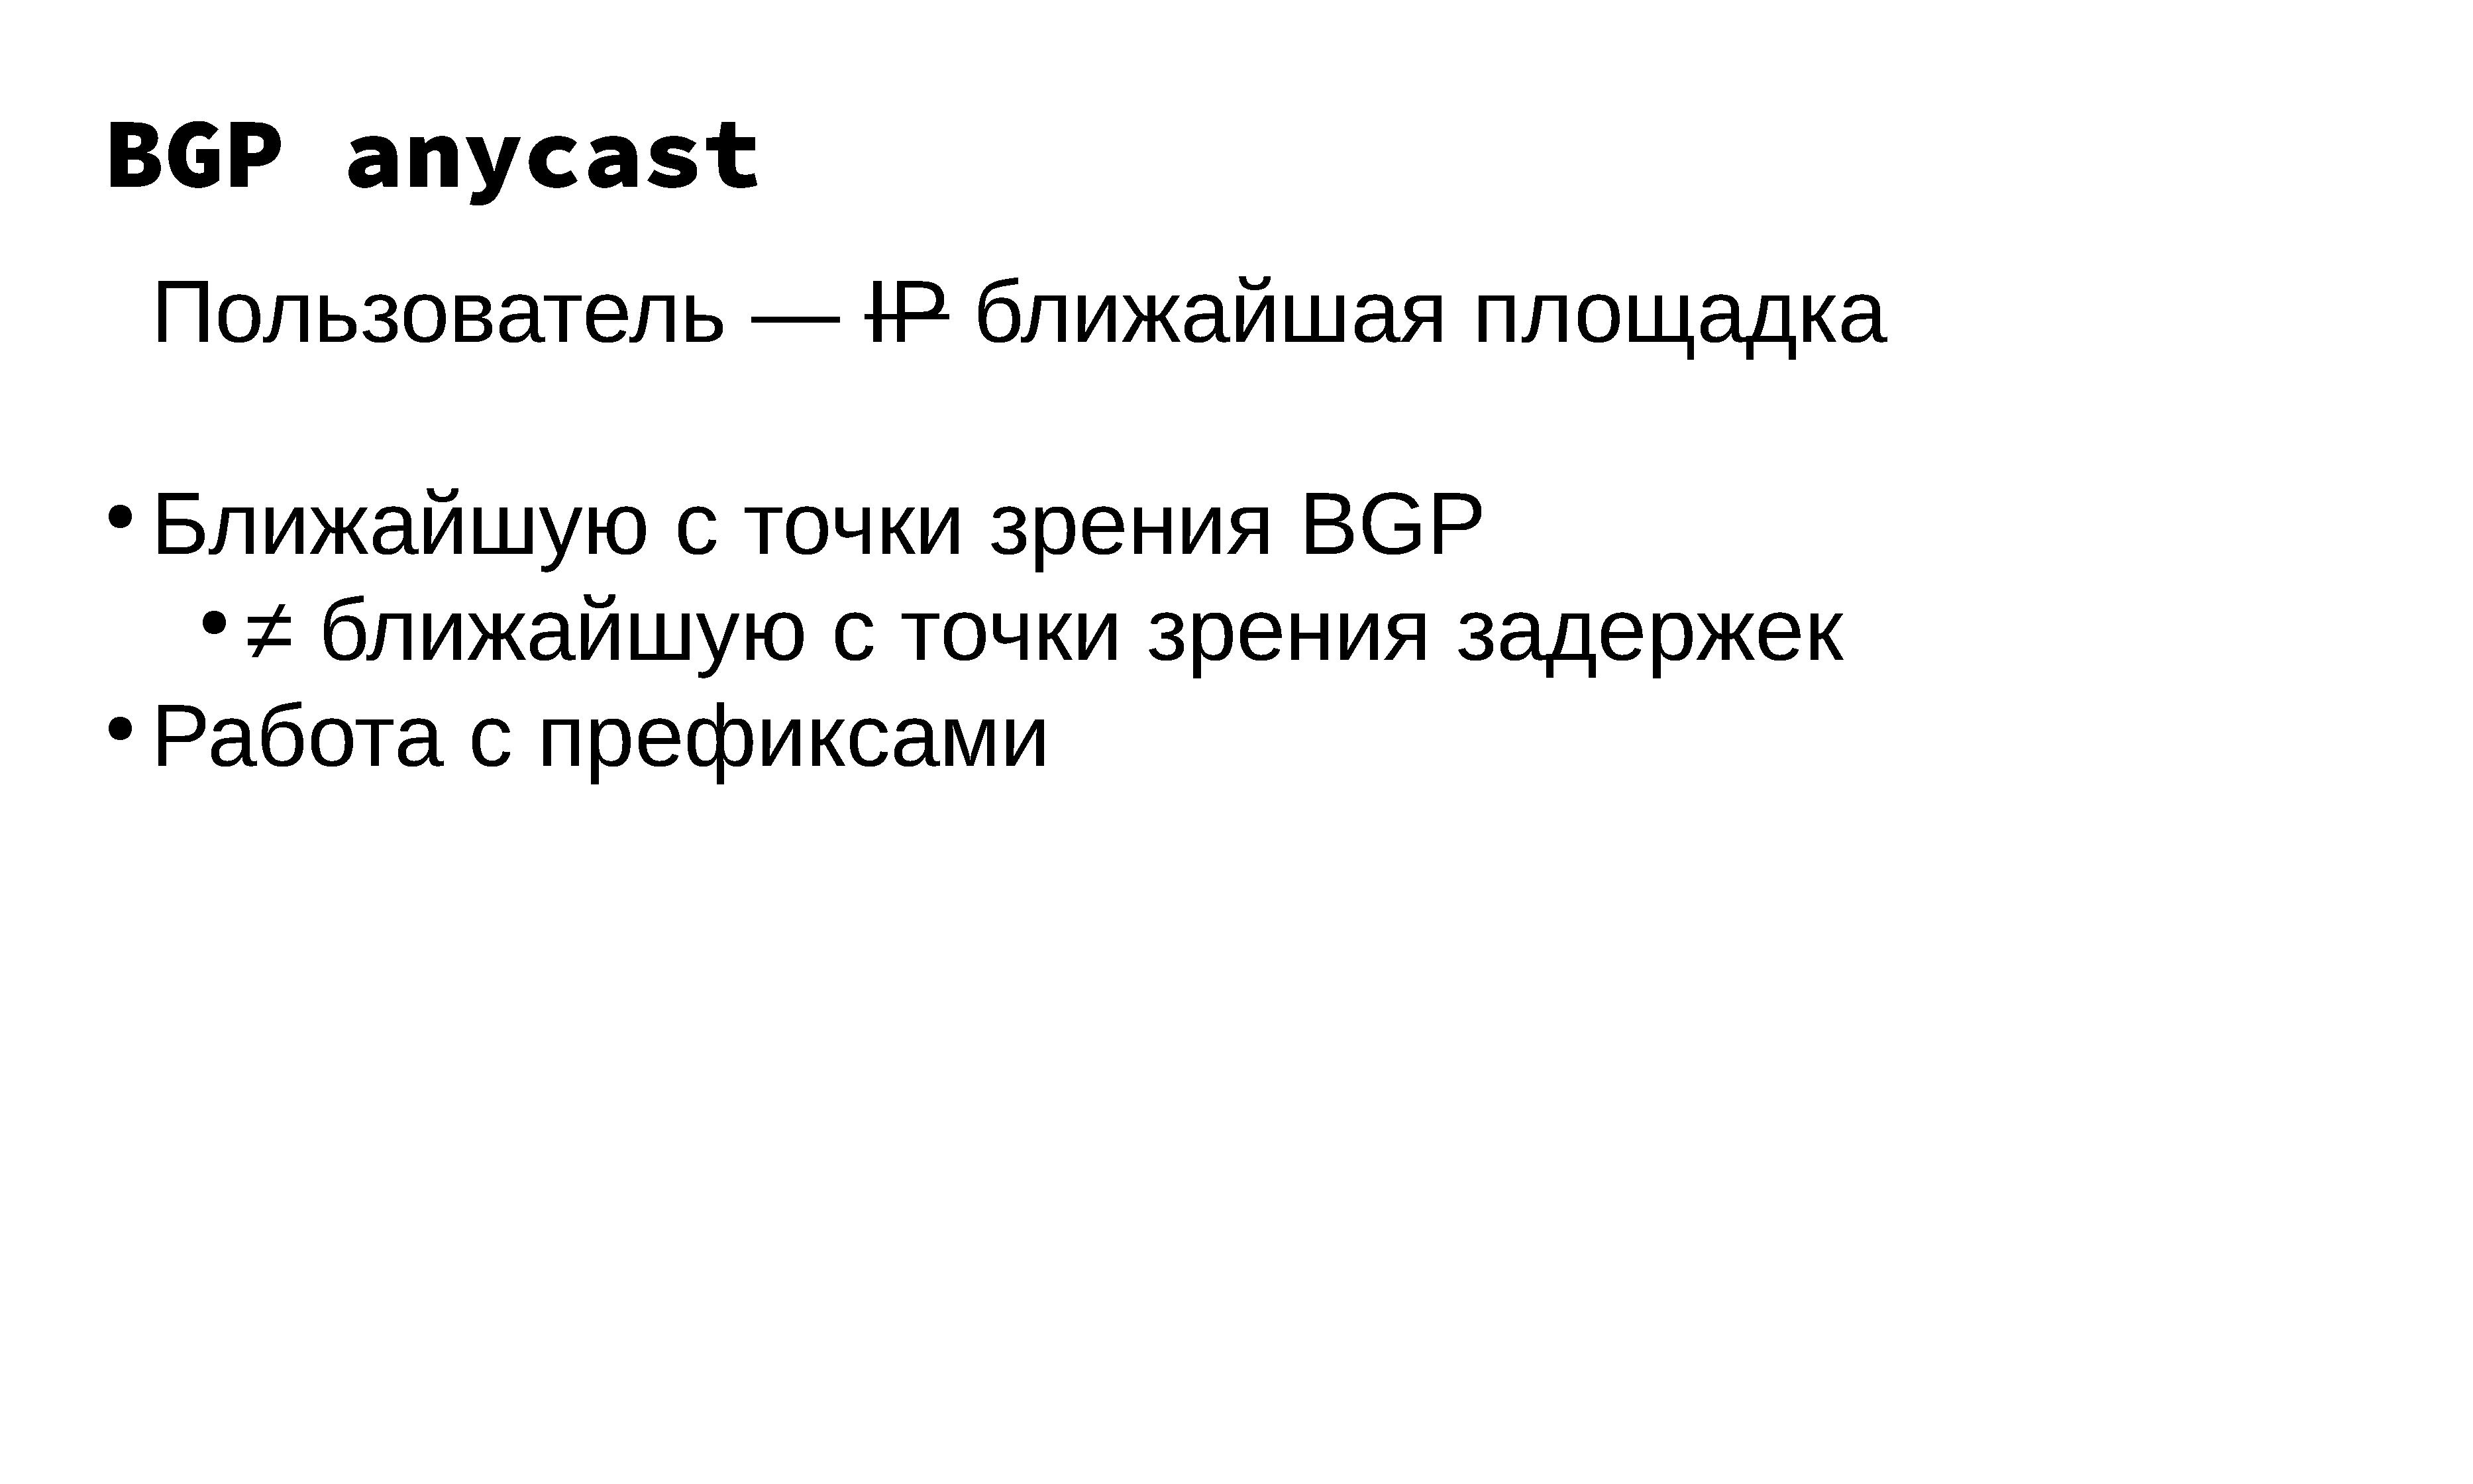 Построение и эксплуатация отказоустойчивой anycast-сети - 12